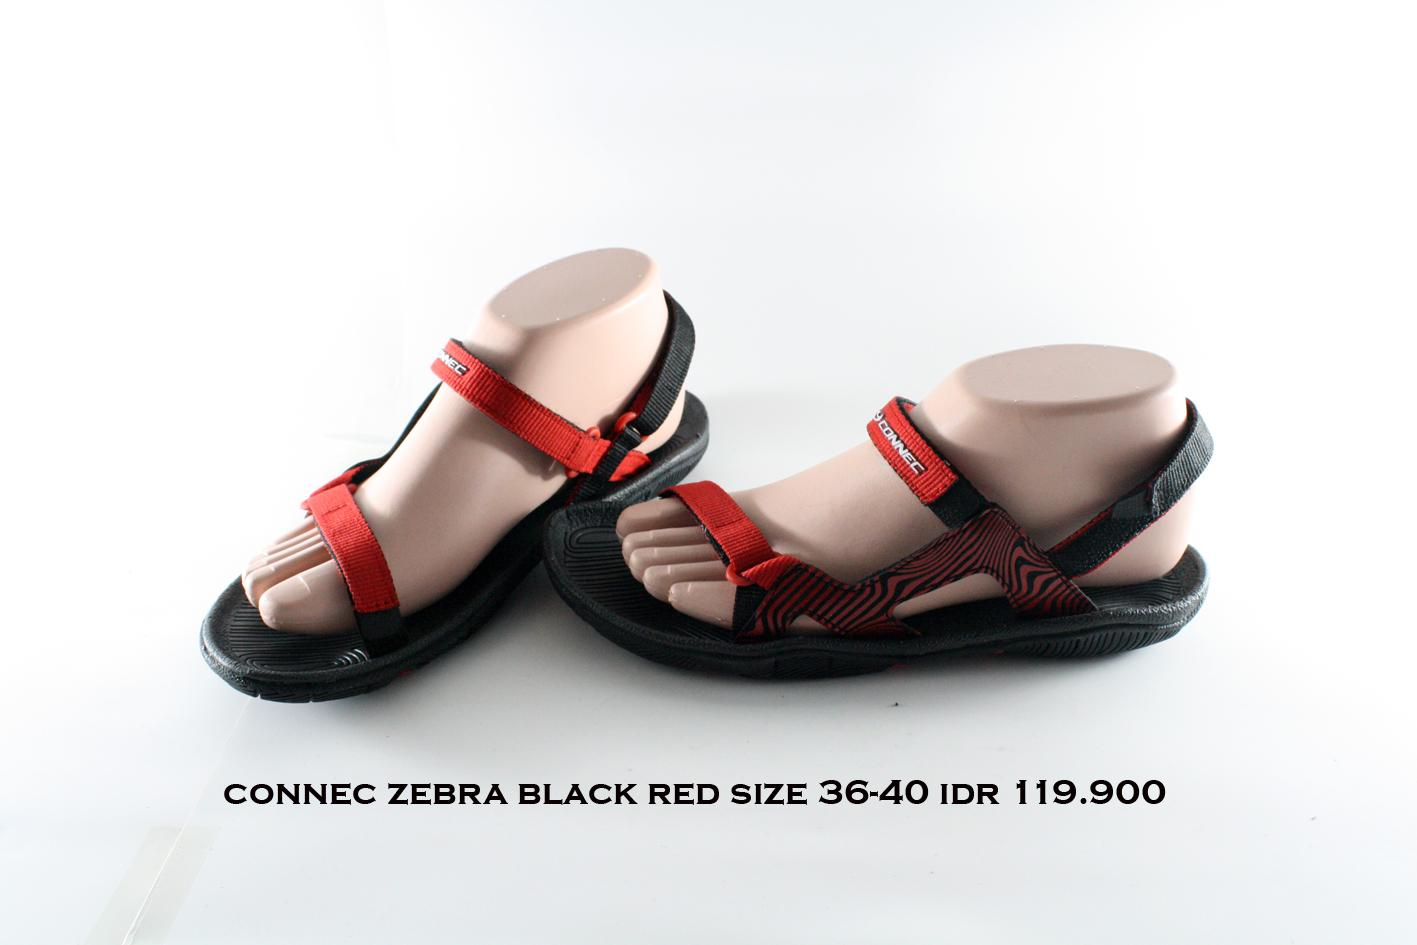 Kelebihan Carvil Alonso Sepatu Sandal Gunung Pria Hitam Merah Ladies Felicia Gl Red Grey 38 Connec Zebra Wanita